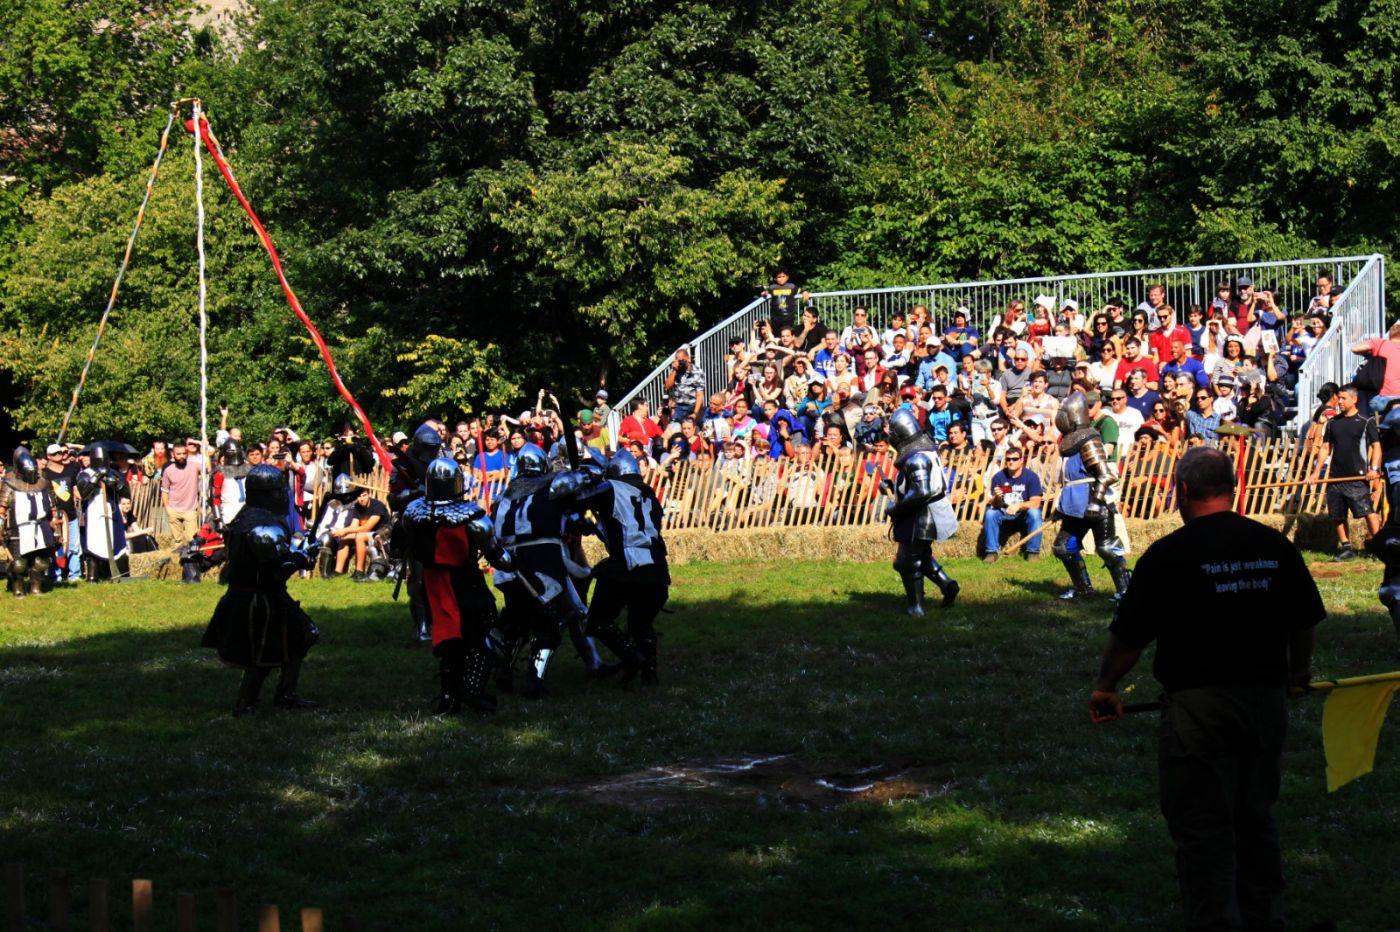 一年一度的崔恩堡公园中世纪节热闹非凡_图1-24